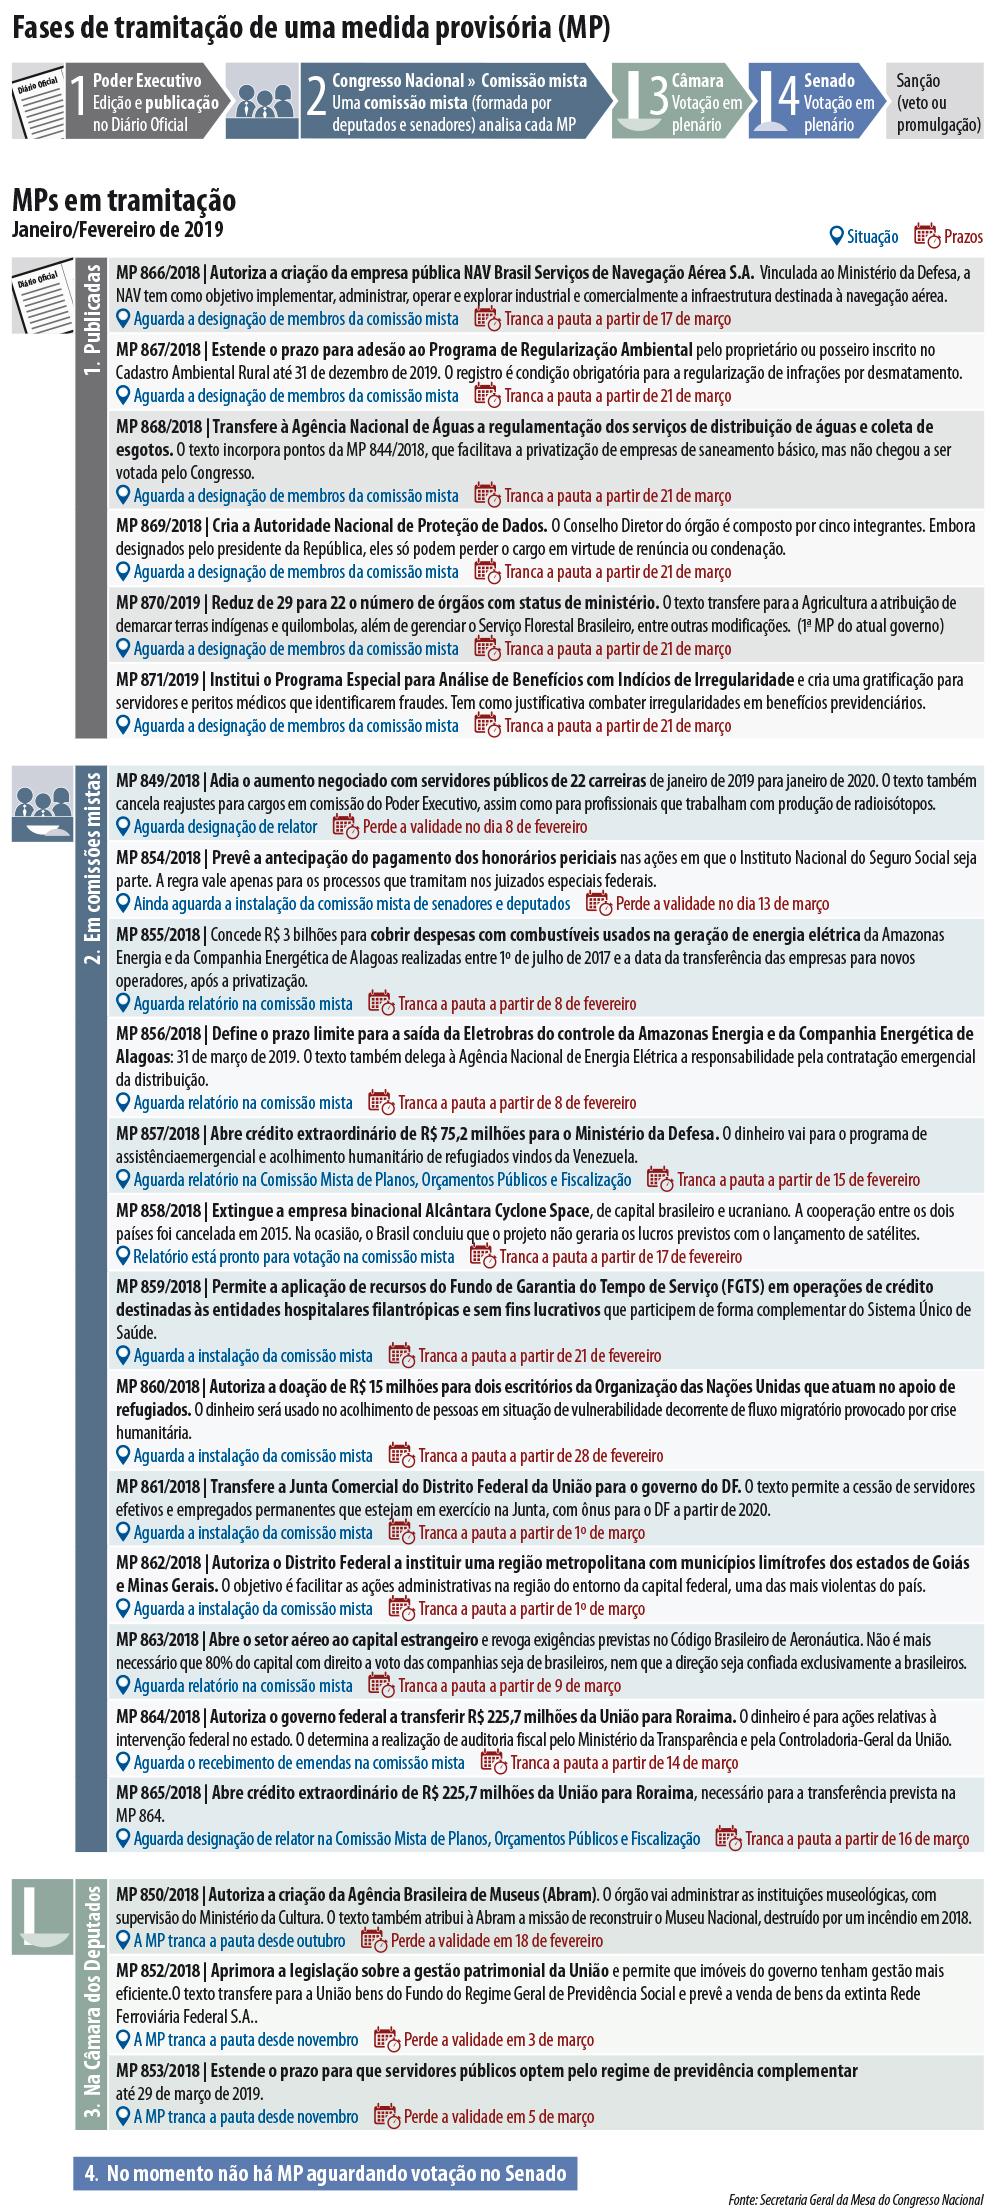 Congresso tem 22 medidas provisórias pendentes de votação